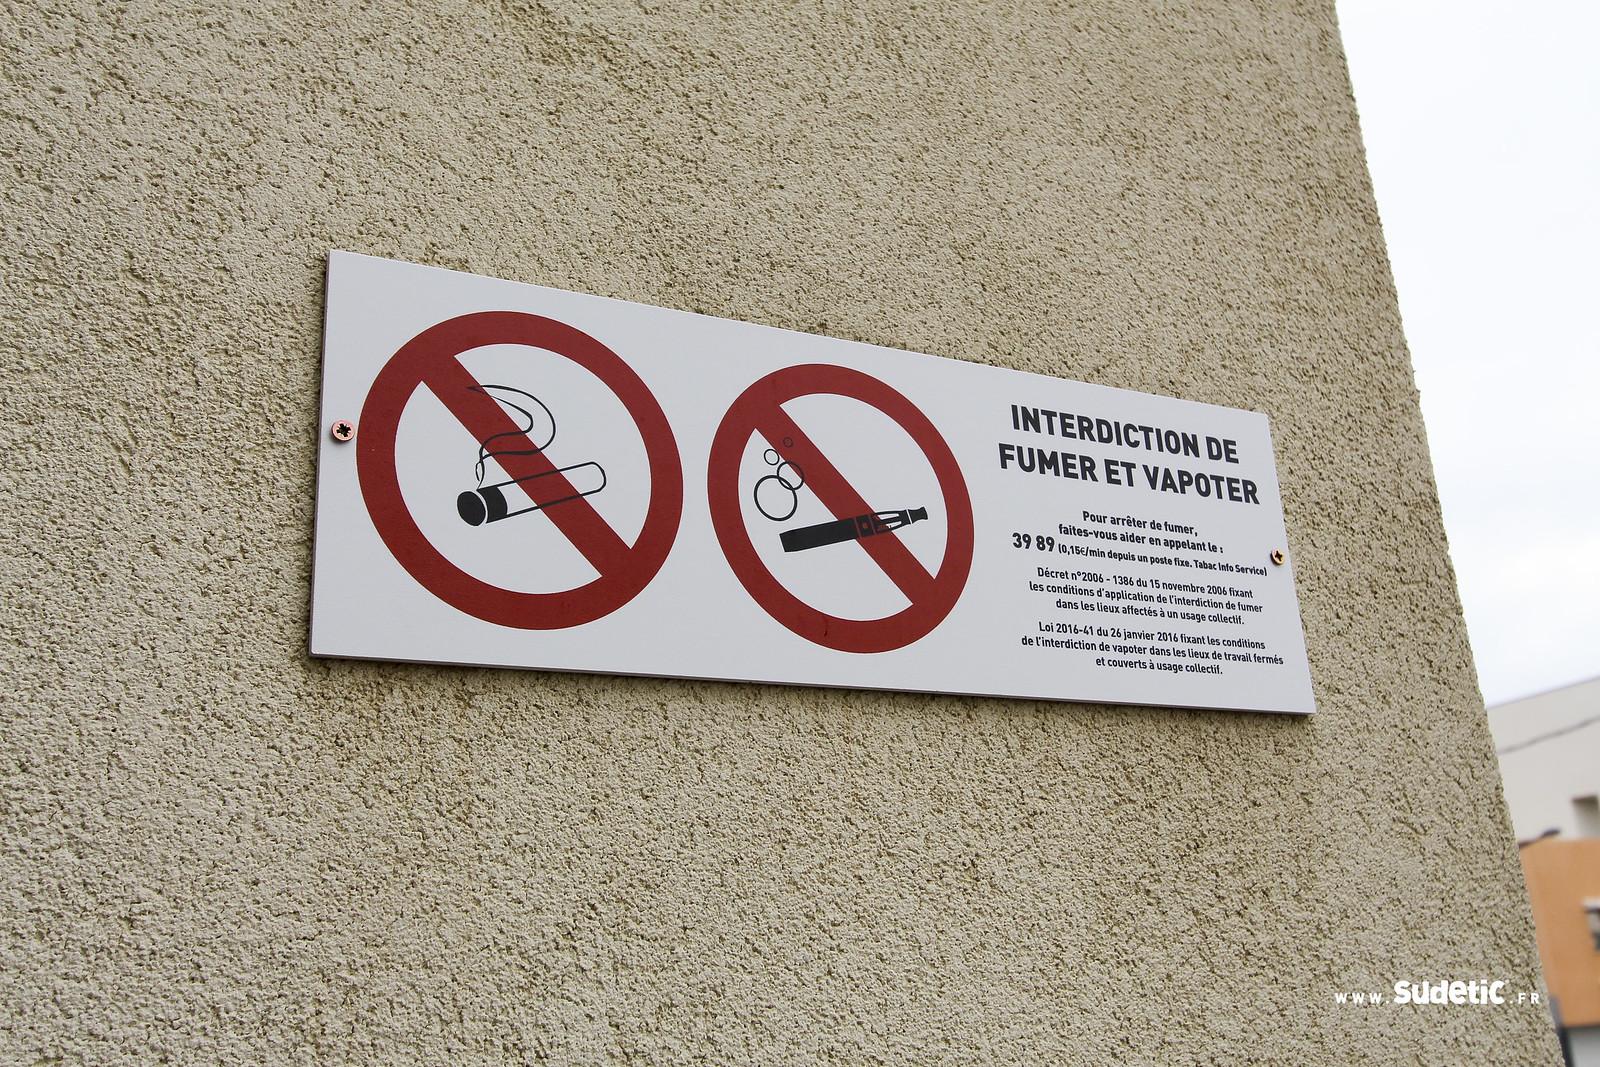 Sudetic panneaux interdiction de fumer ITEP-2